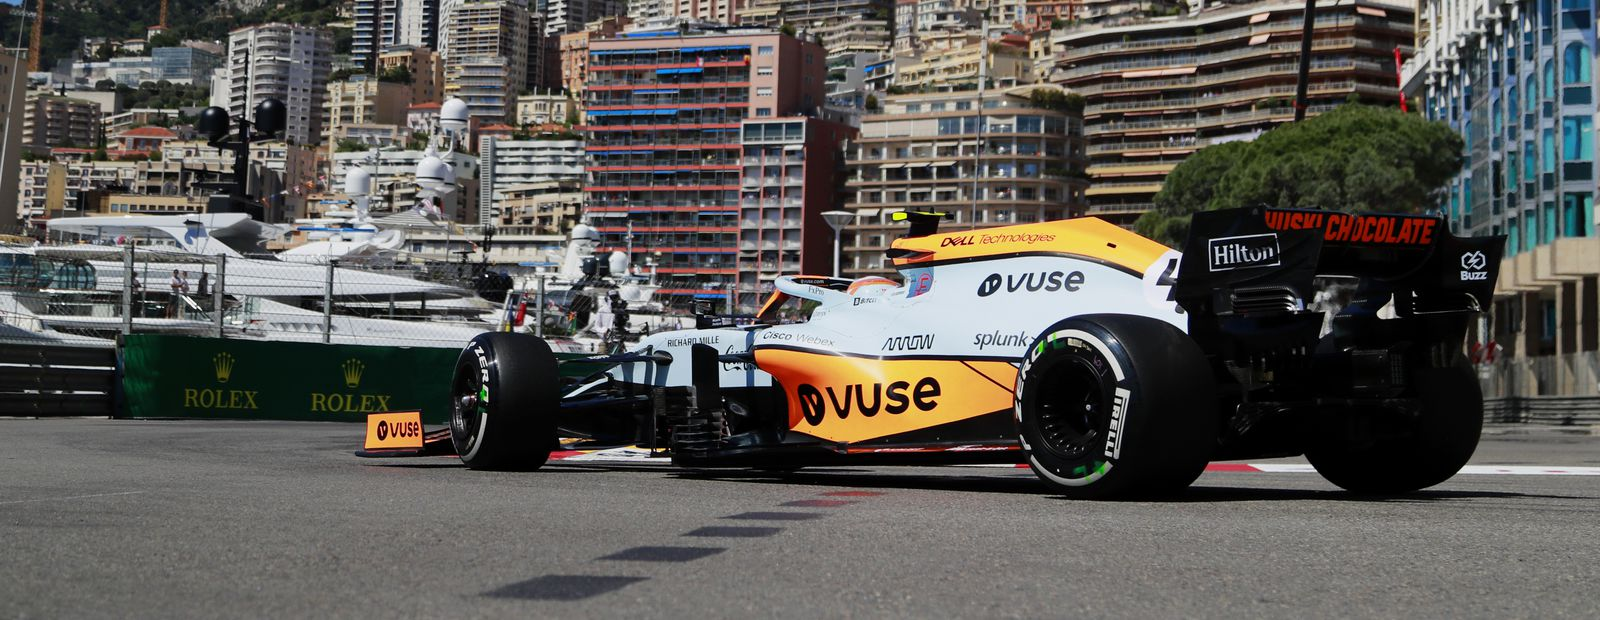 2021 Monaco Grand Prix – Free Practice